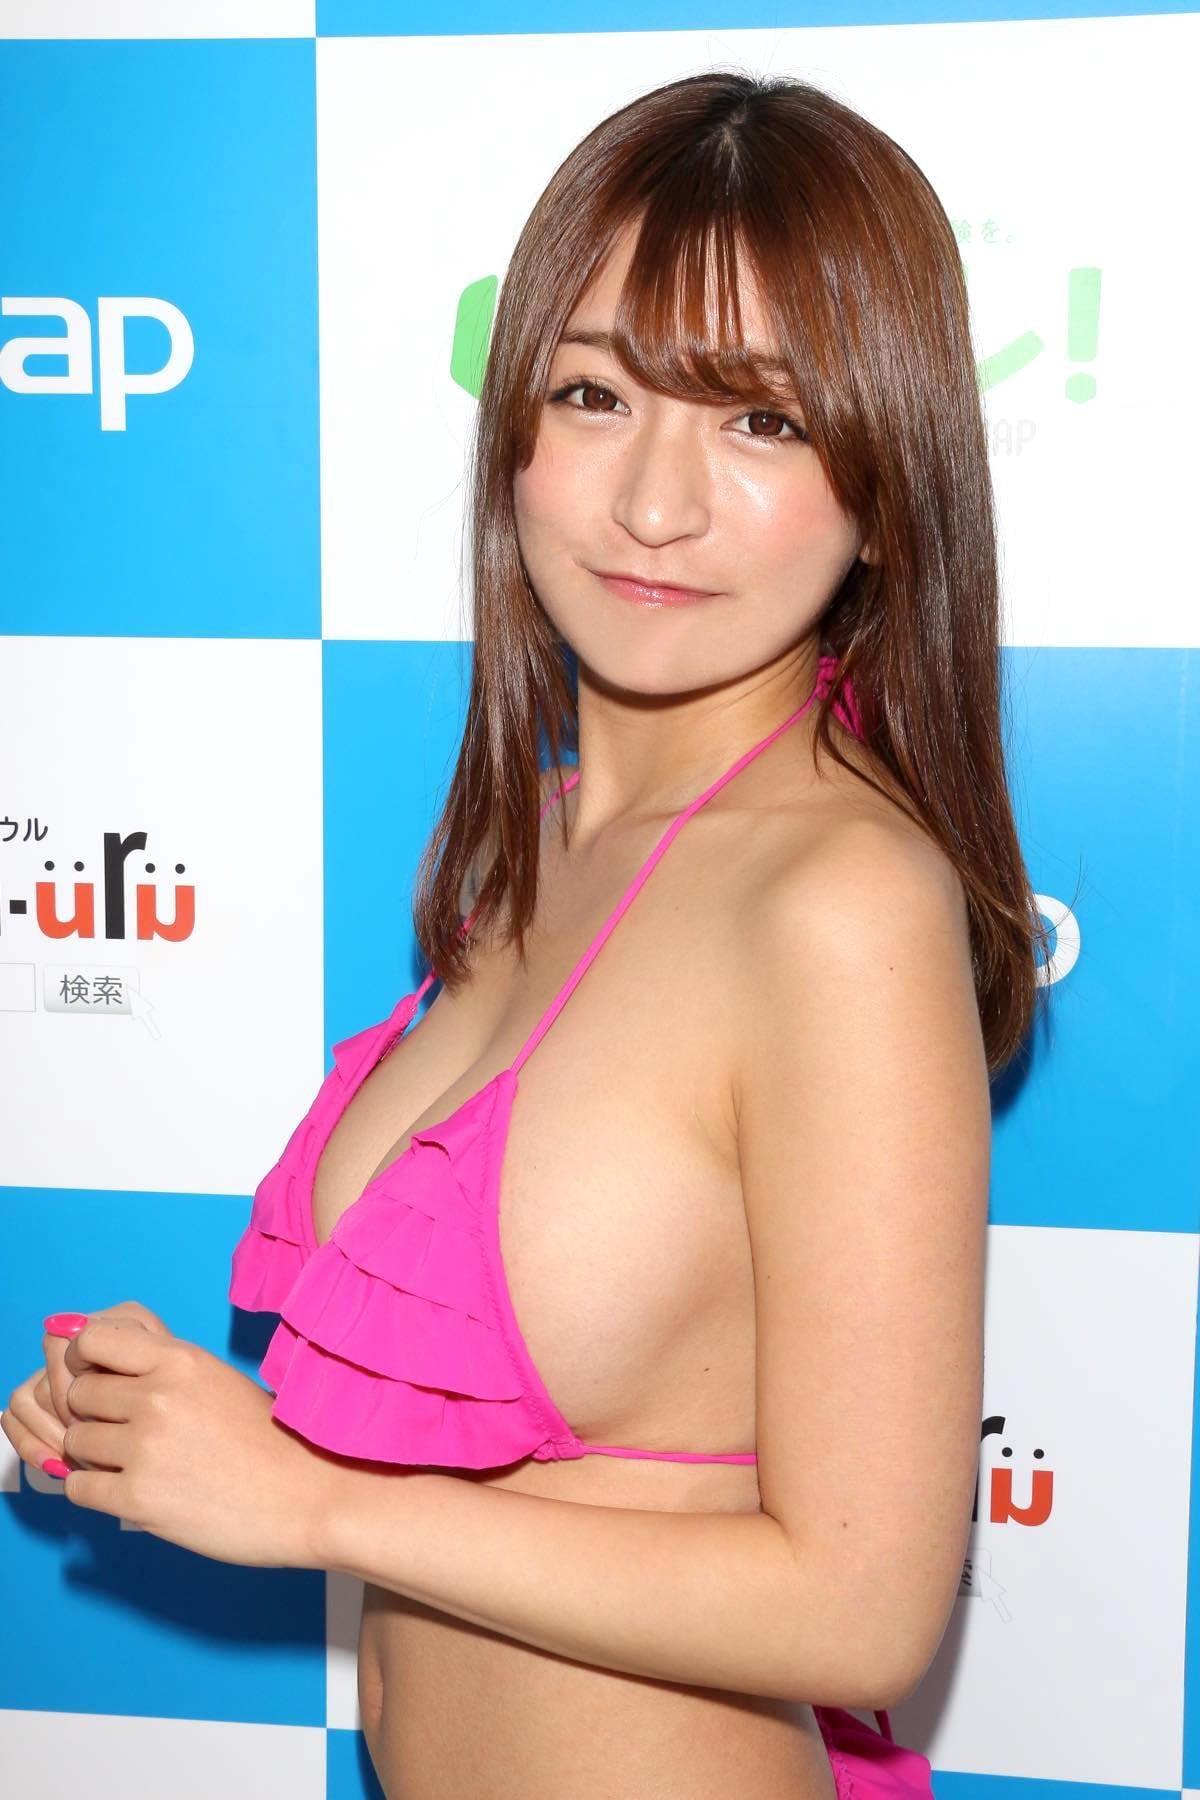 ☆HOSHINO「シャツがどんどん透けちゃう」エプロンはほぼ裸!【写真35枚】の画像012